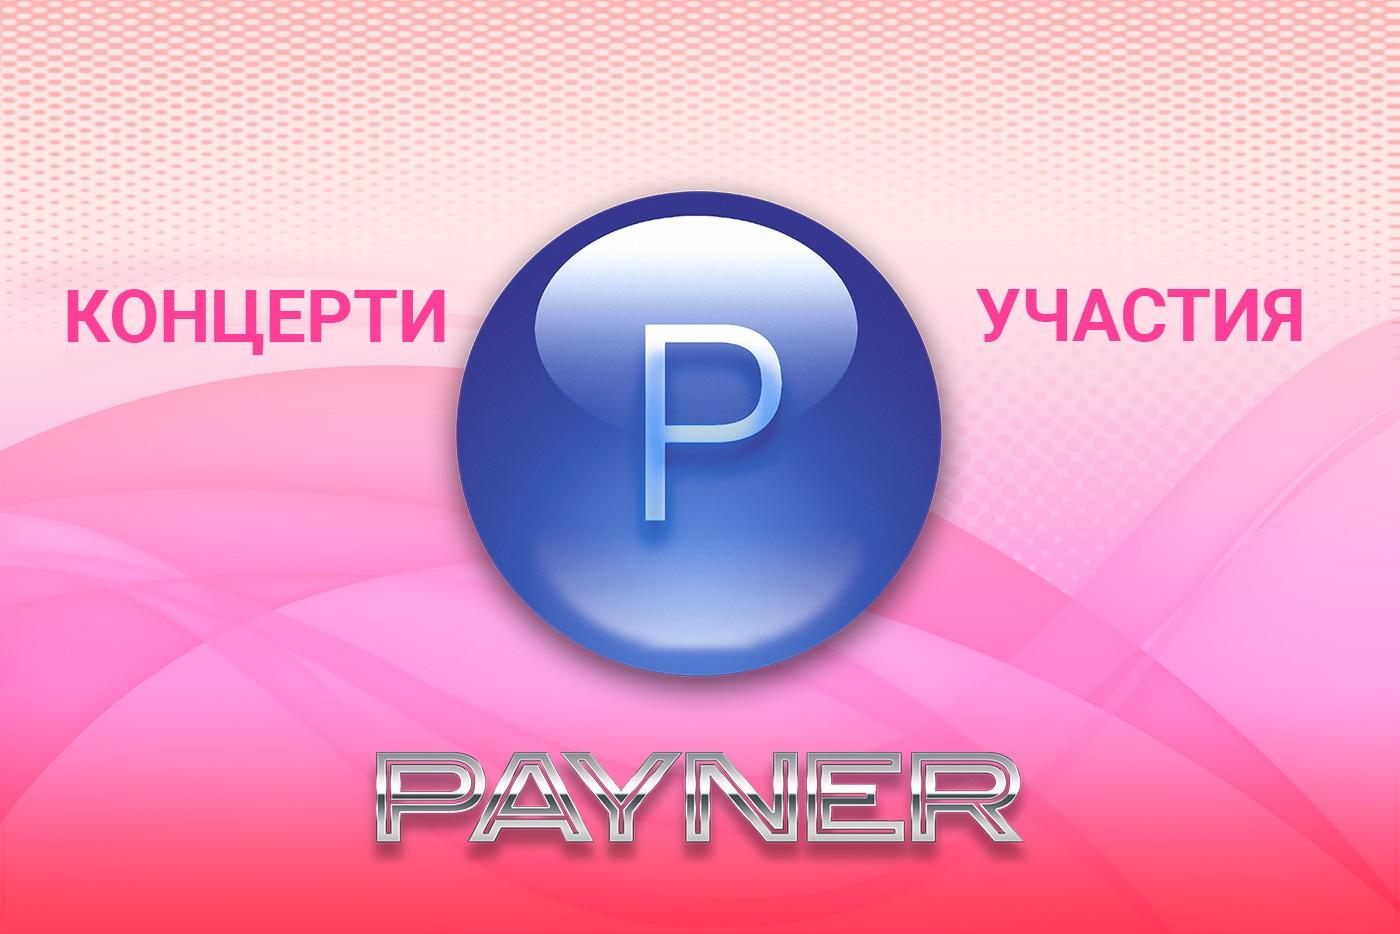 """Участия на звездите на """"Пайнер"""" на 12.02.2019"""